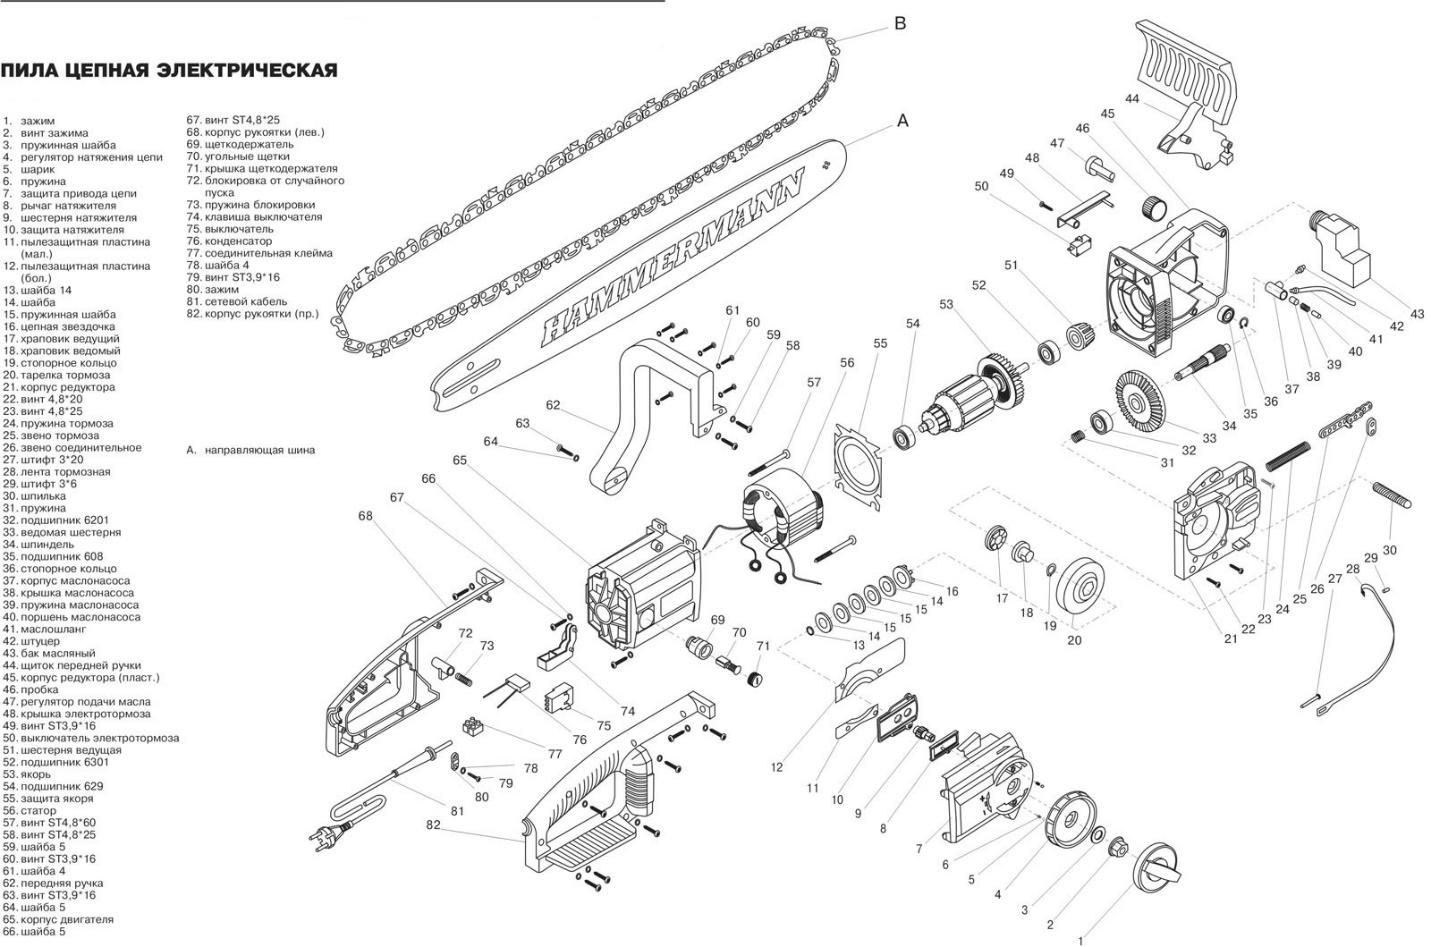 Ремонт маслонасоса электропилы своими руками 26